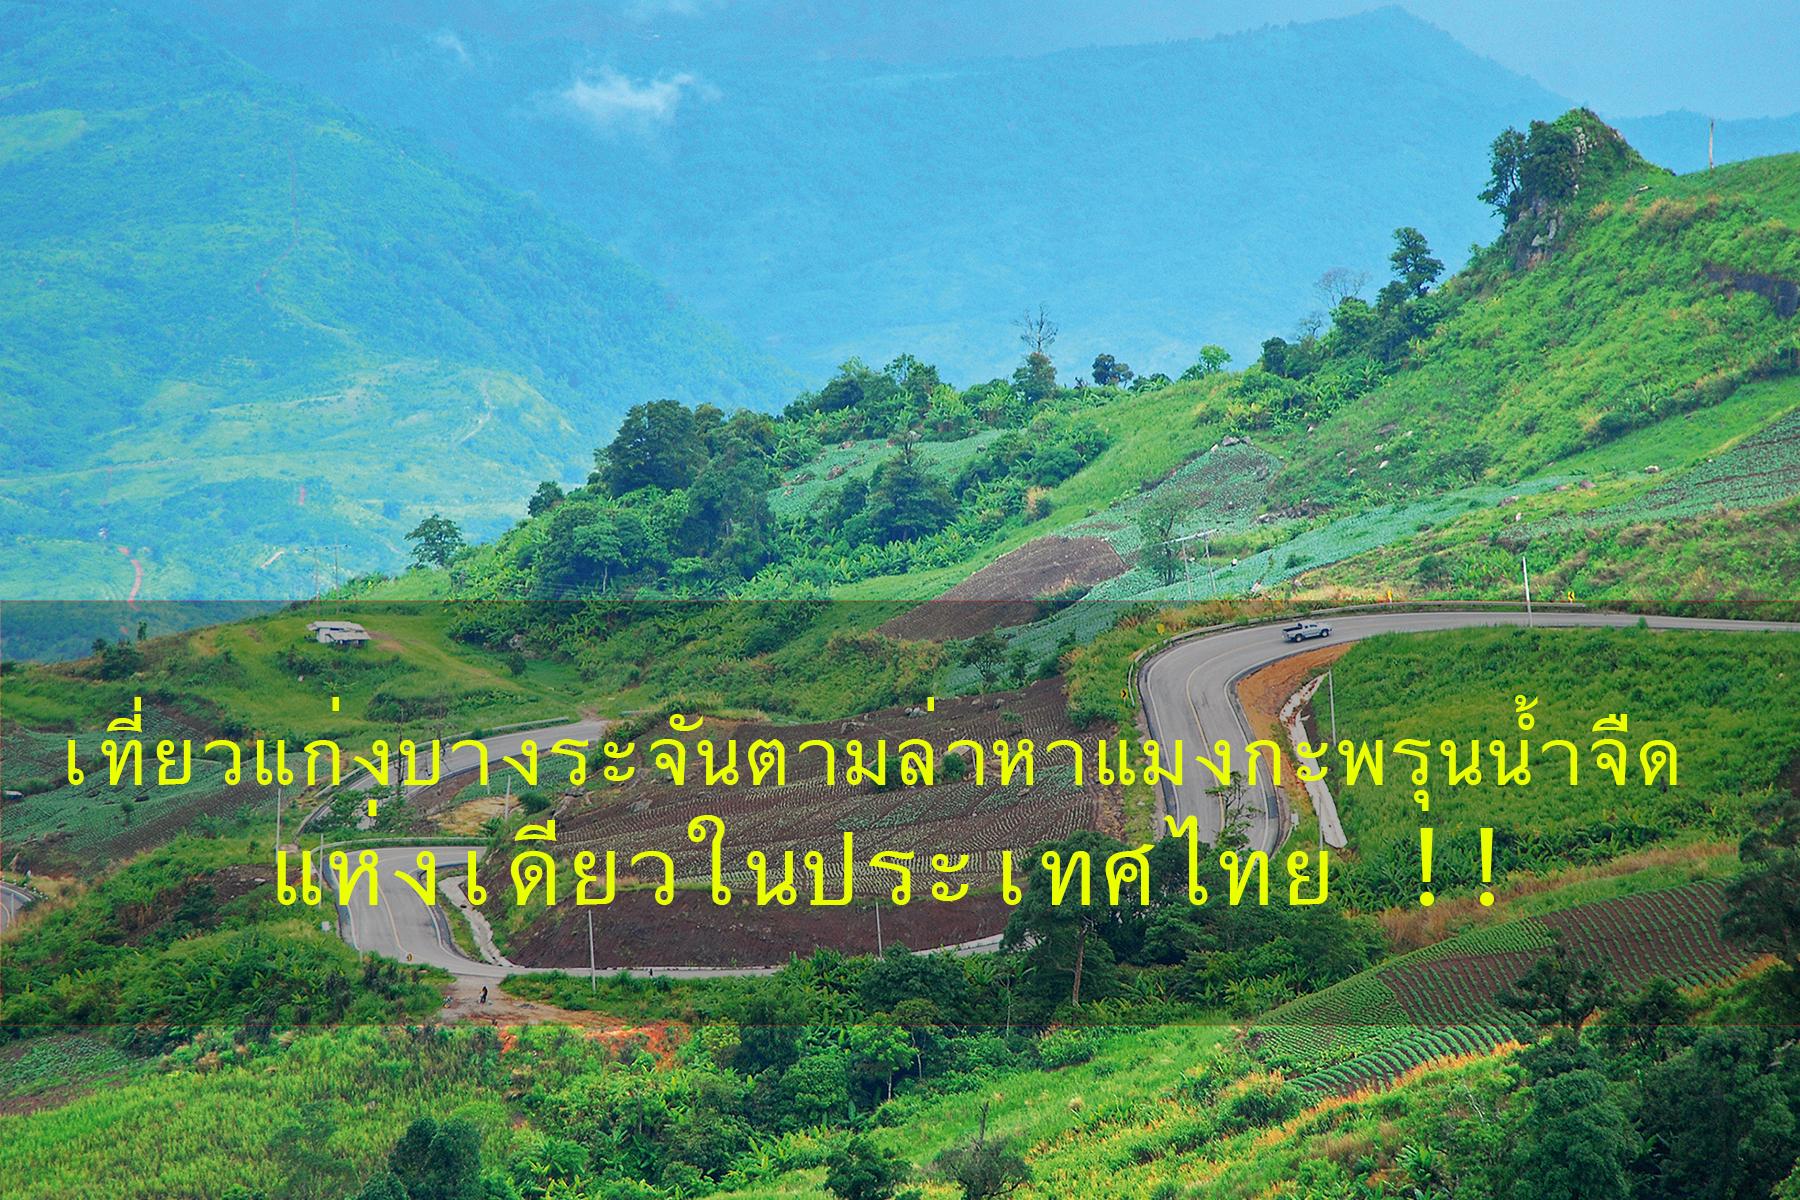 เที่ยวแก่งบางระจัน ตามล่าหาแมงกะพรุนน้ำจืด แห่งเดียวในประเทศไทย !!